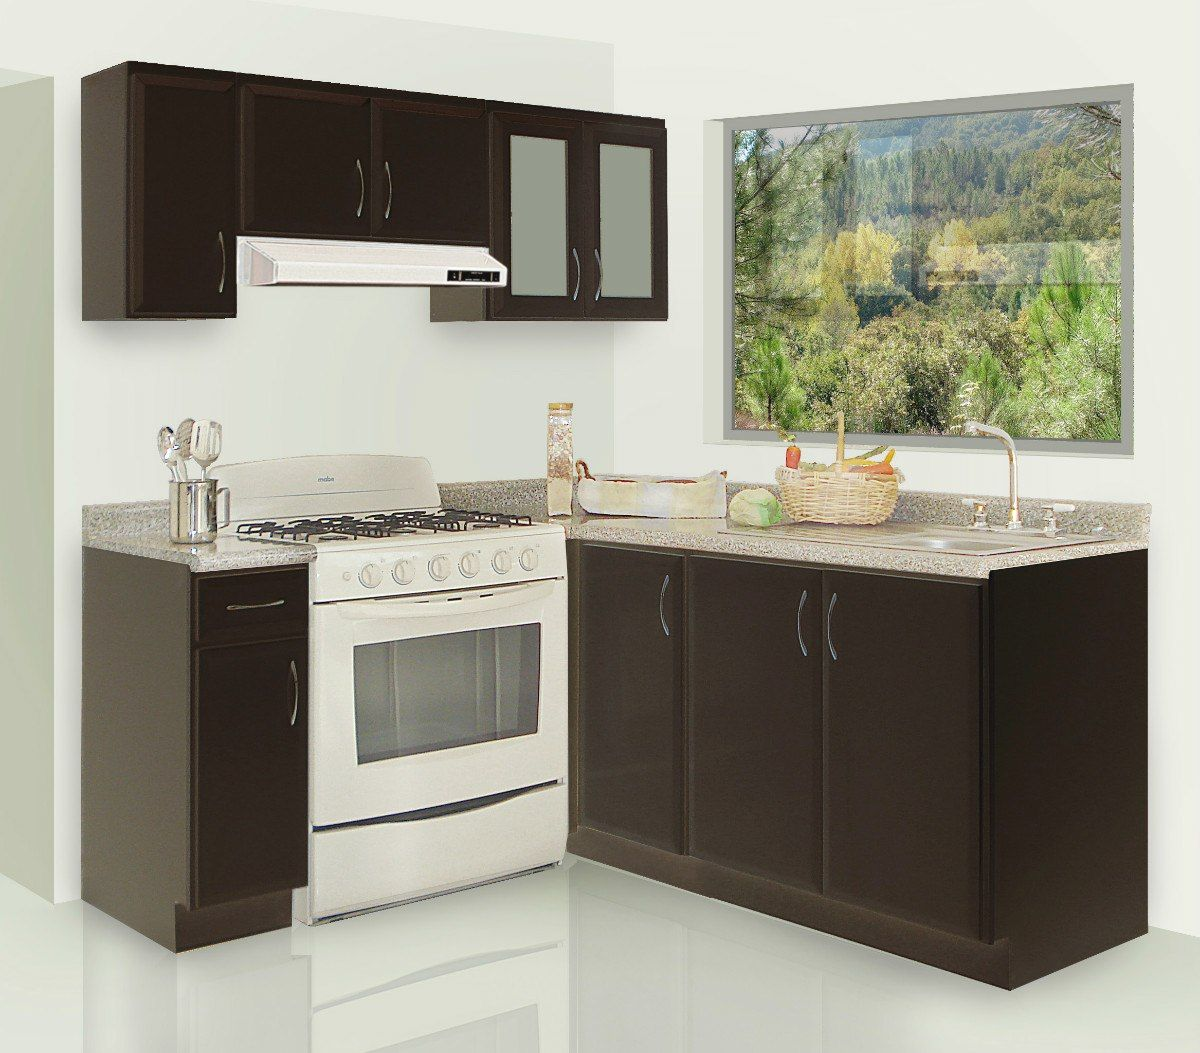 Imagenes de cocinas integrales modernas cocinas for Cocinas integrales de concreto pequenas